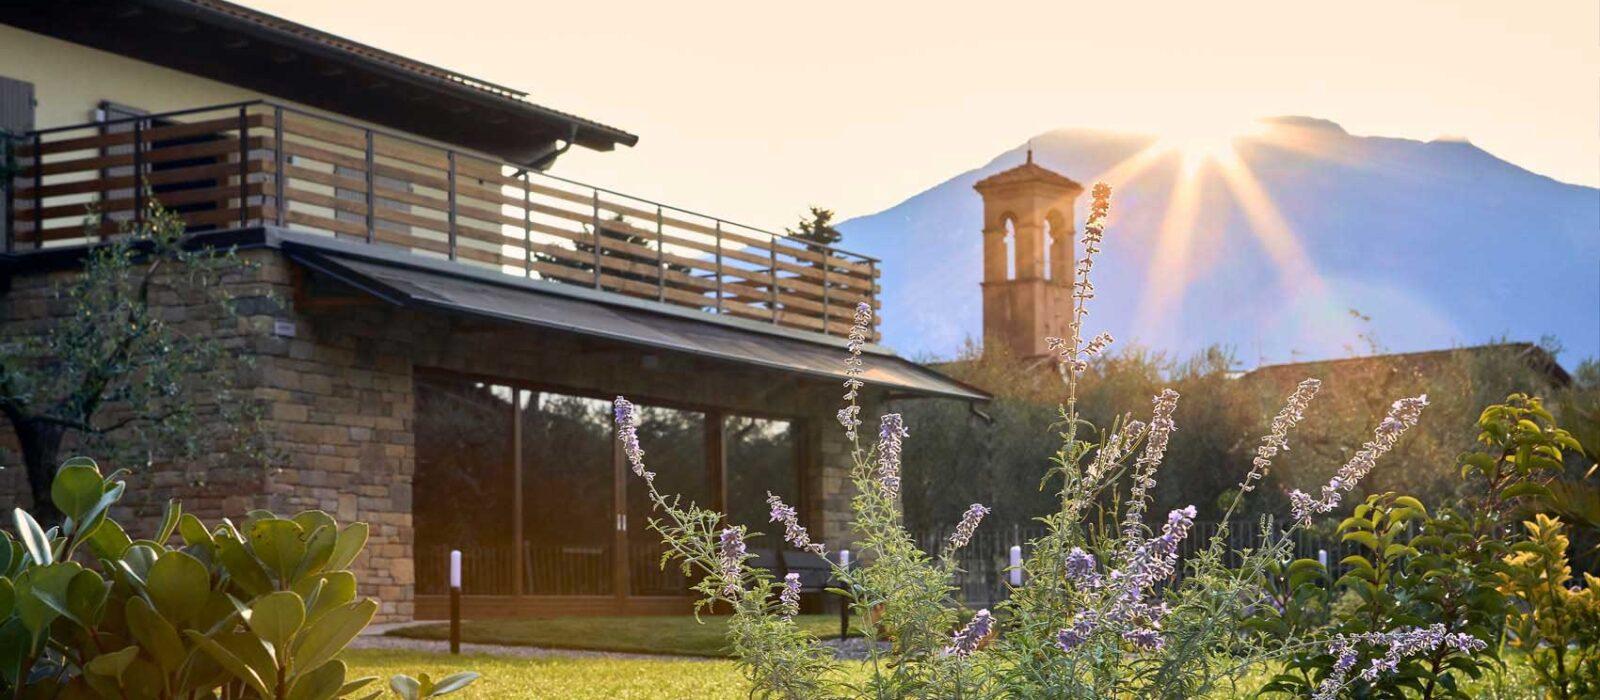 Agriturismo De Bas - Dove siamo - Riva del Garda - Garda Lake